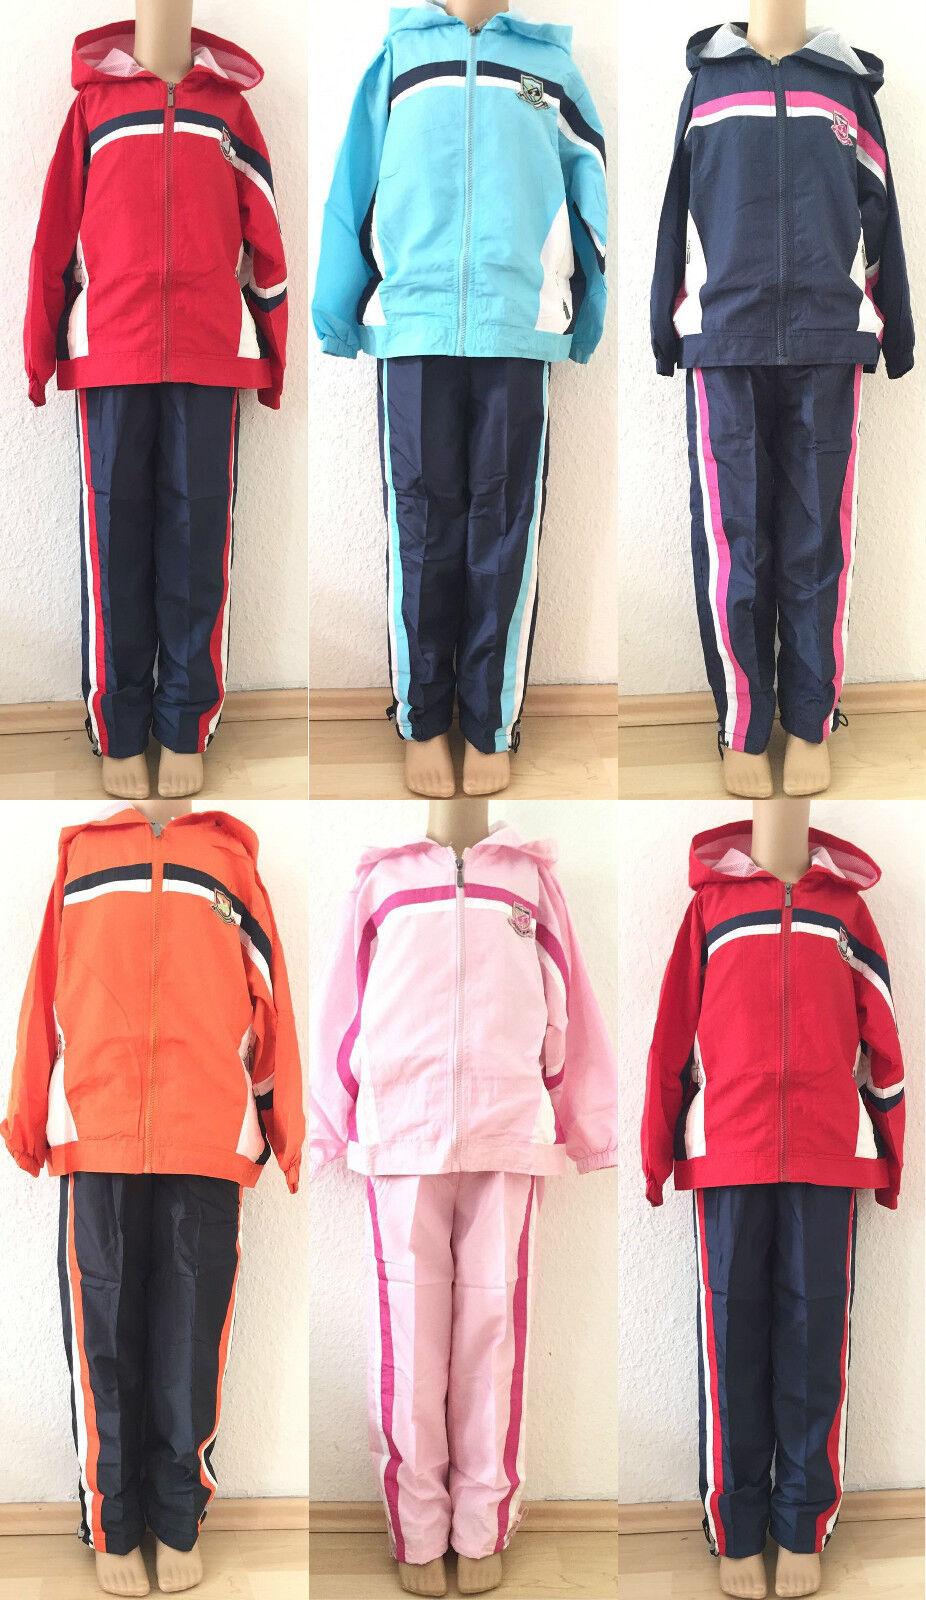 Kinder Jungen Mädchen Sportanzug Gr.128-158  Trainingsanzug Jacke Hose Neu